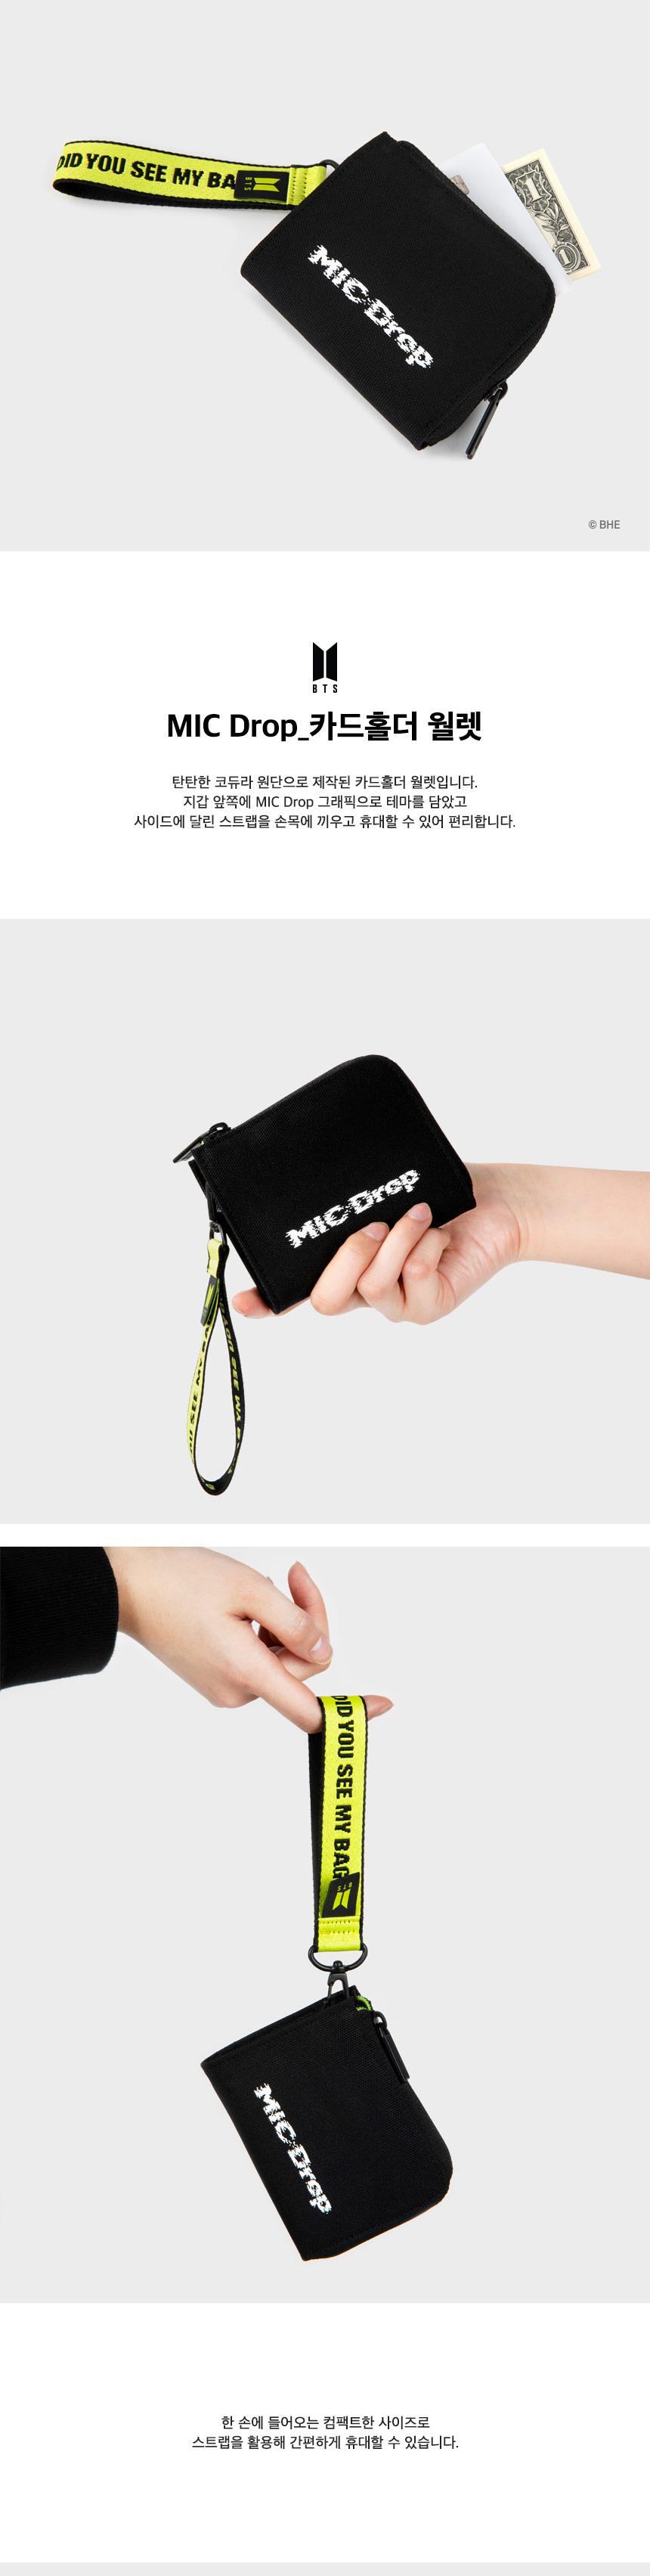 bts_micdrop_pouch-1